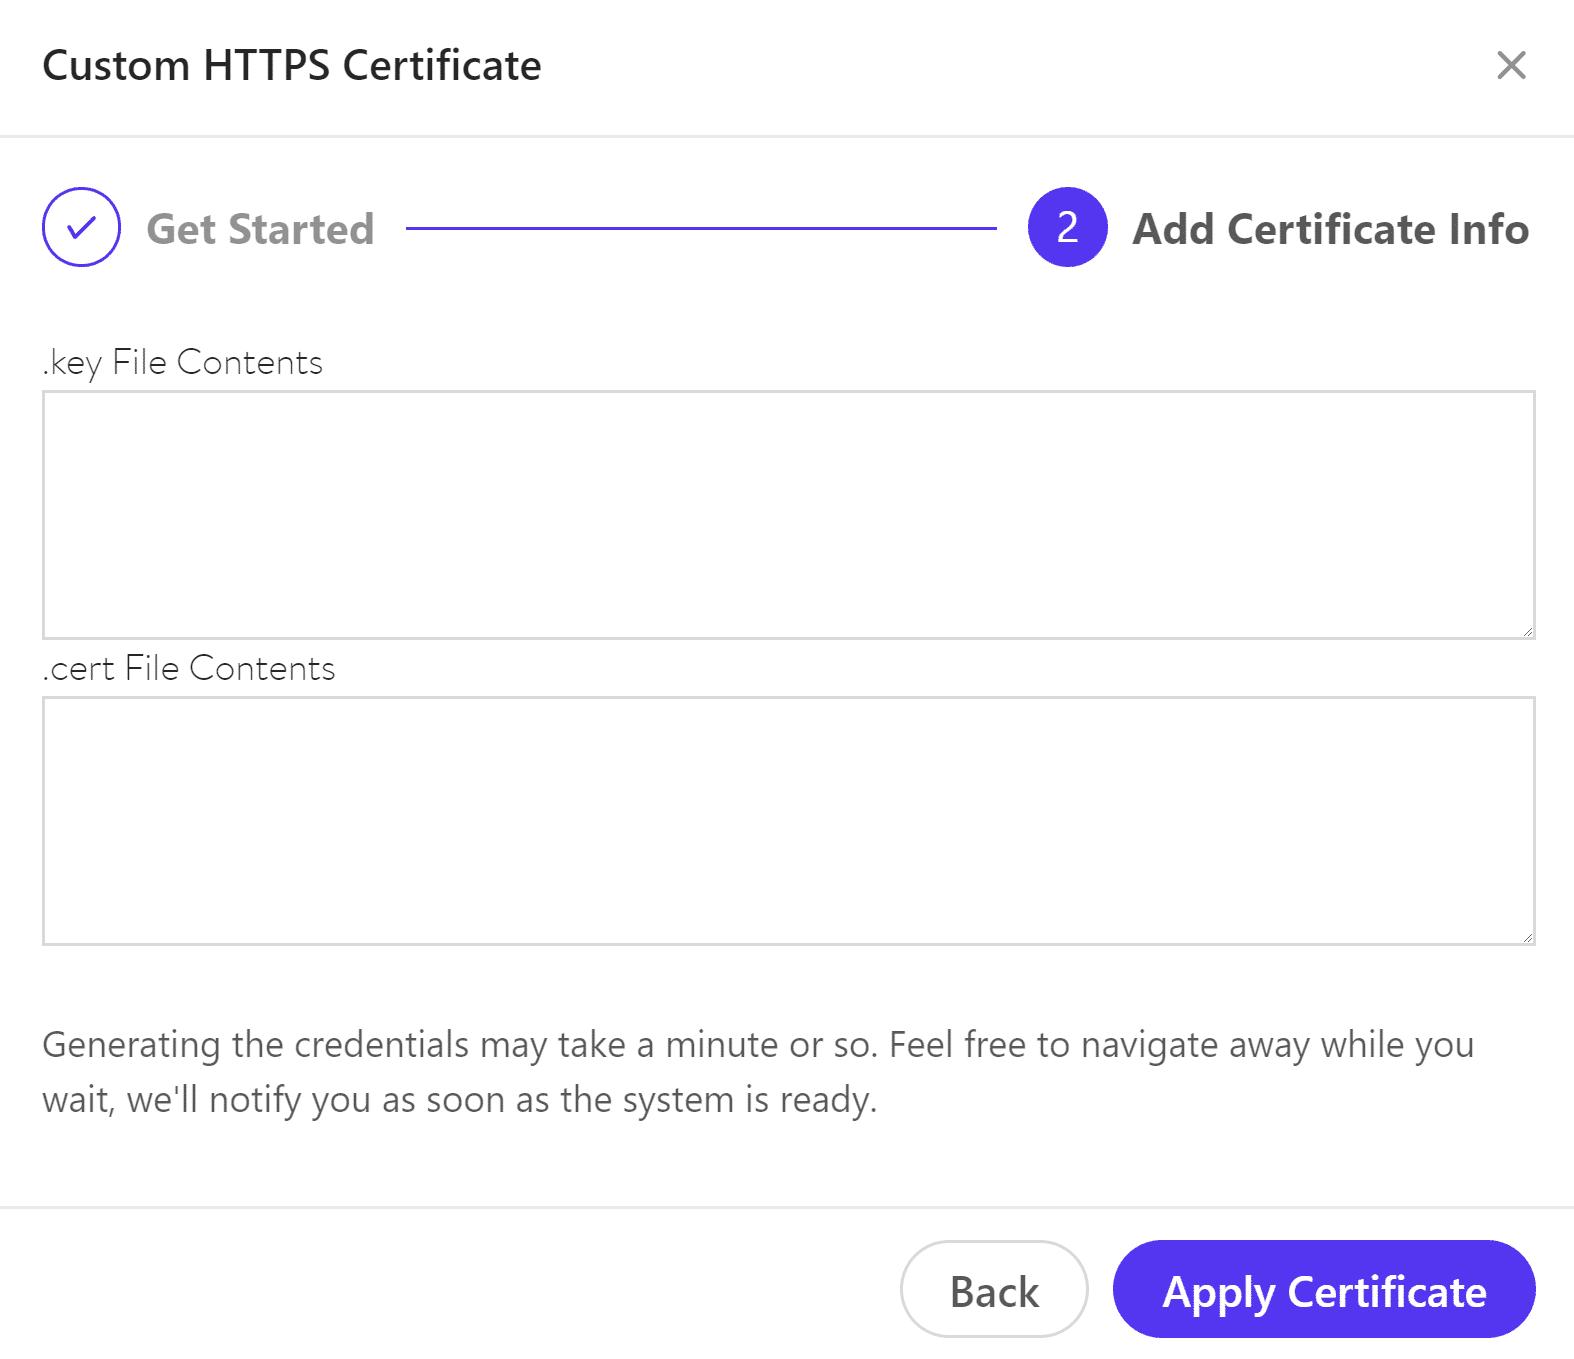 Voeg Certificaat toe